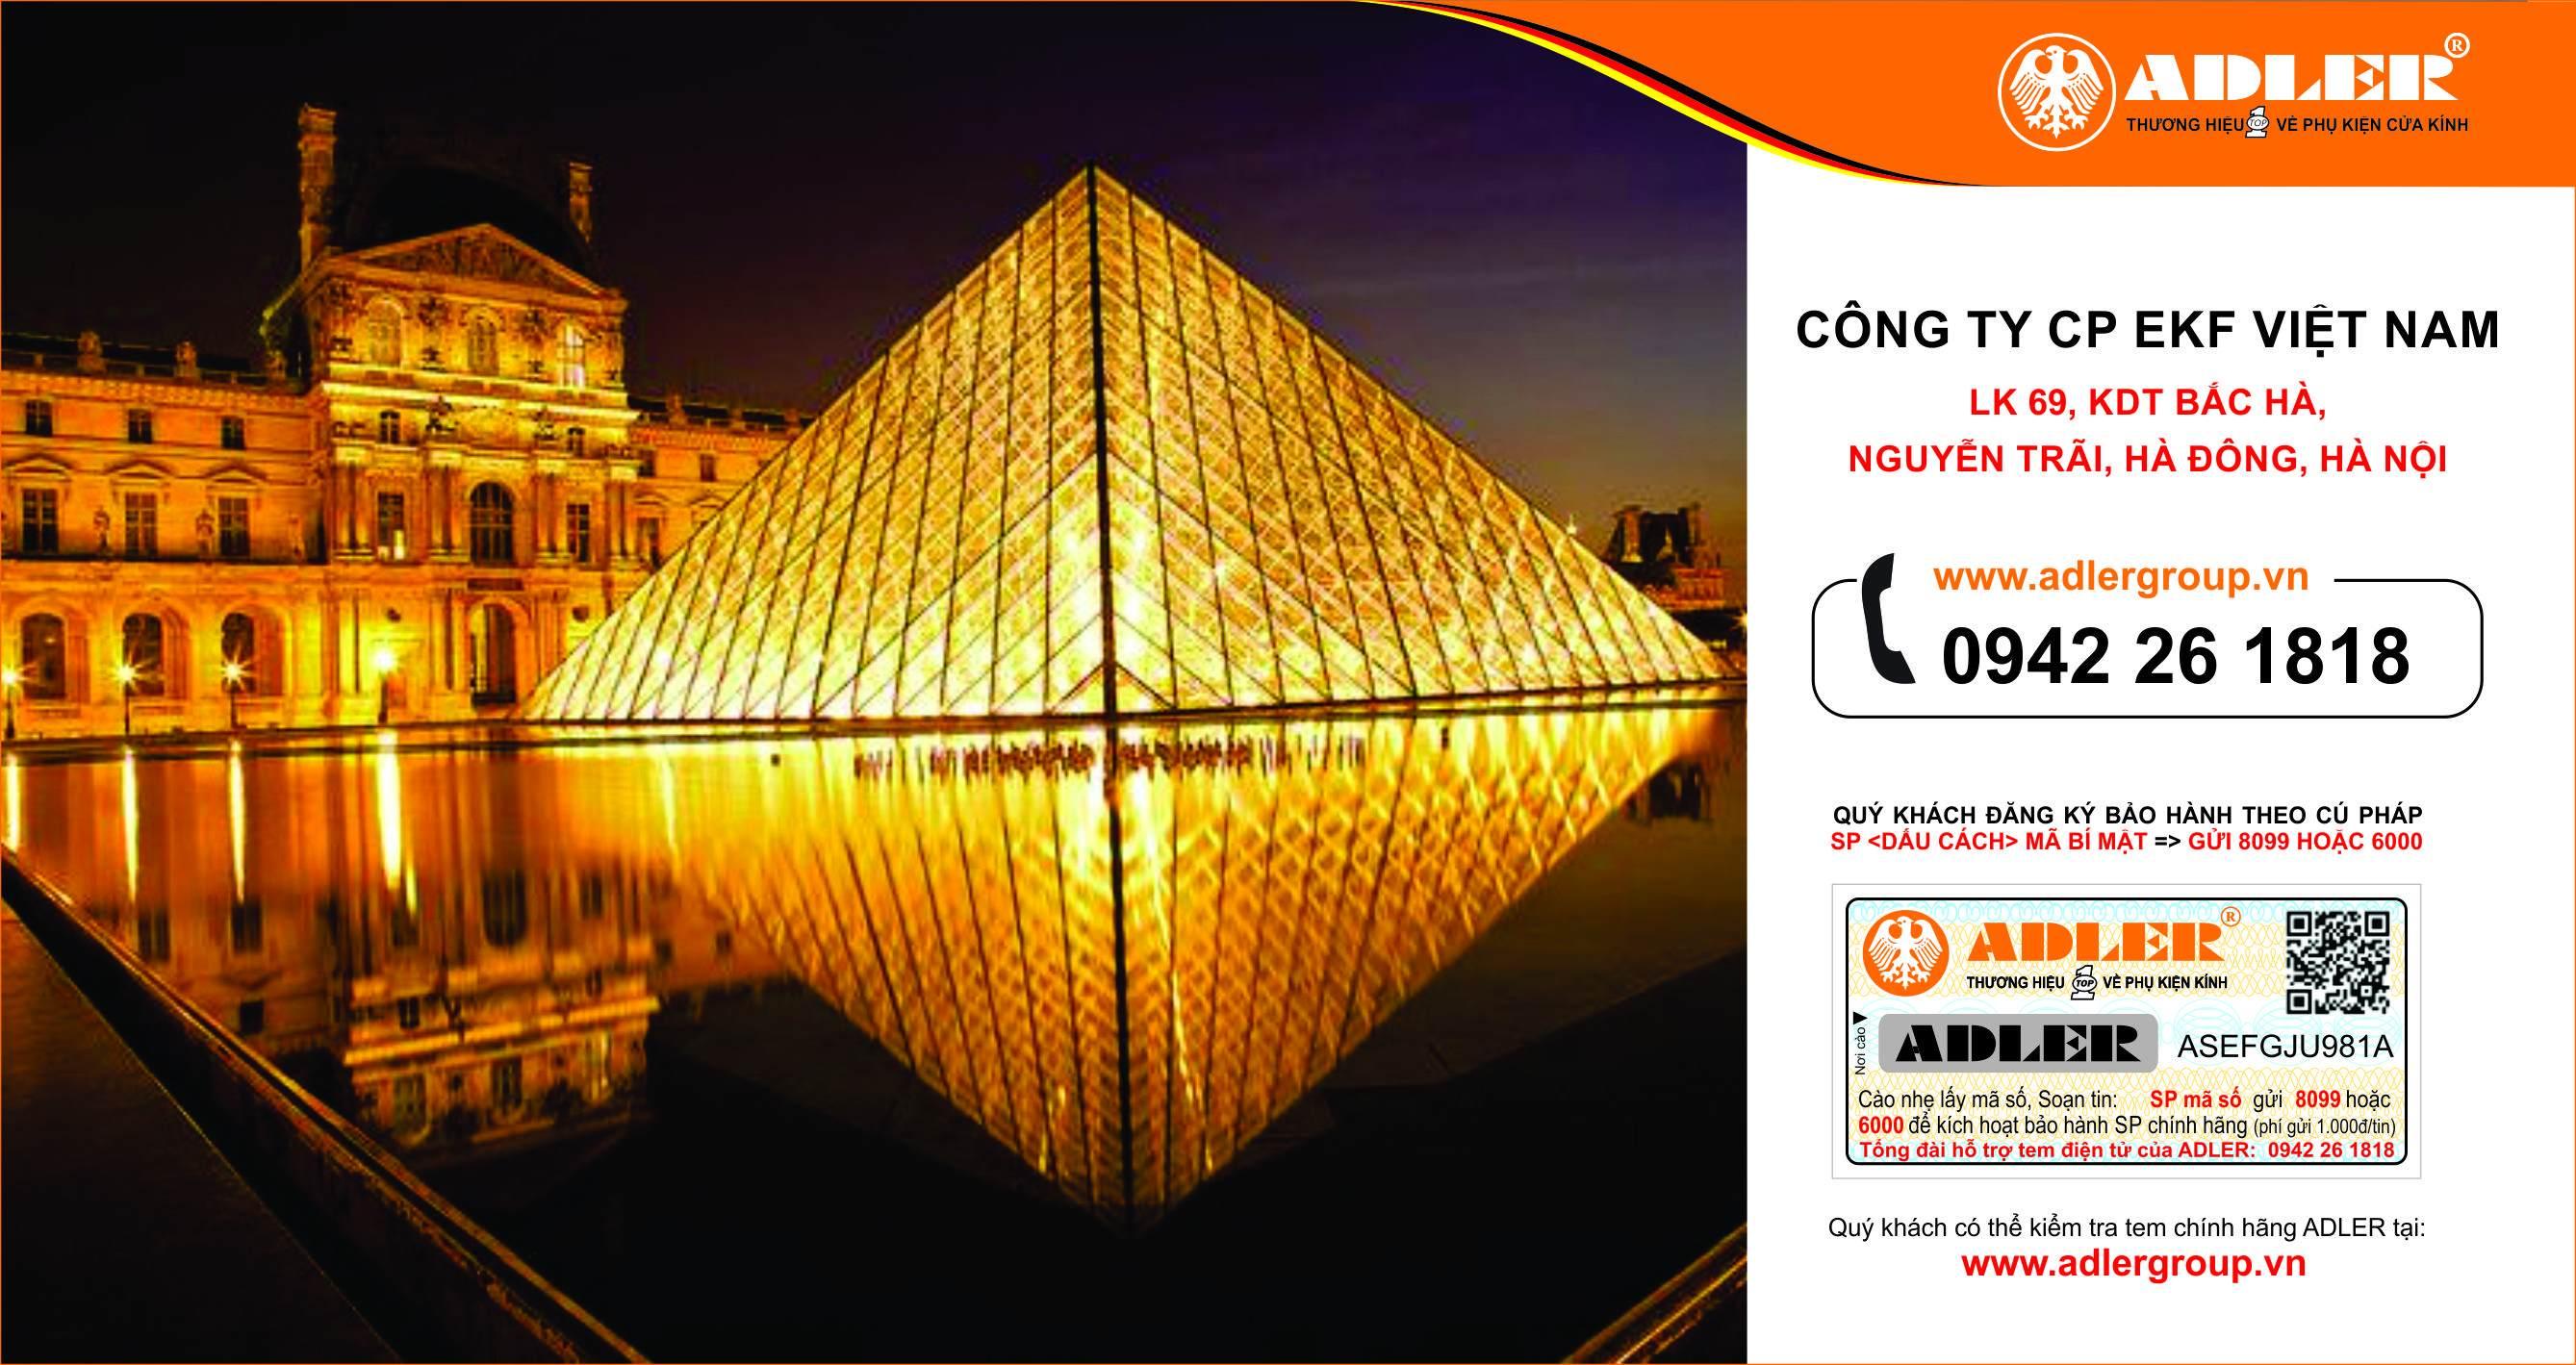 Bảo tàng Louvre Paris rực rỡ ánh sáng với những ô cửa kính cường lực